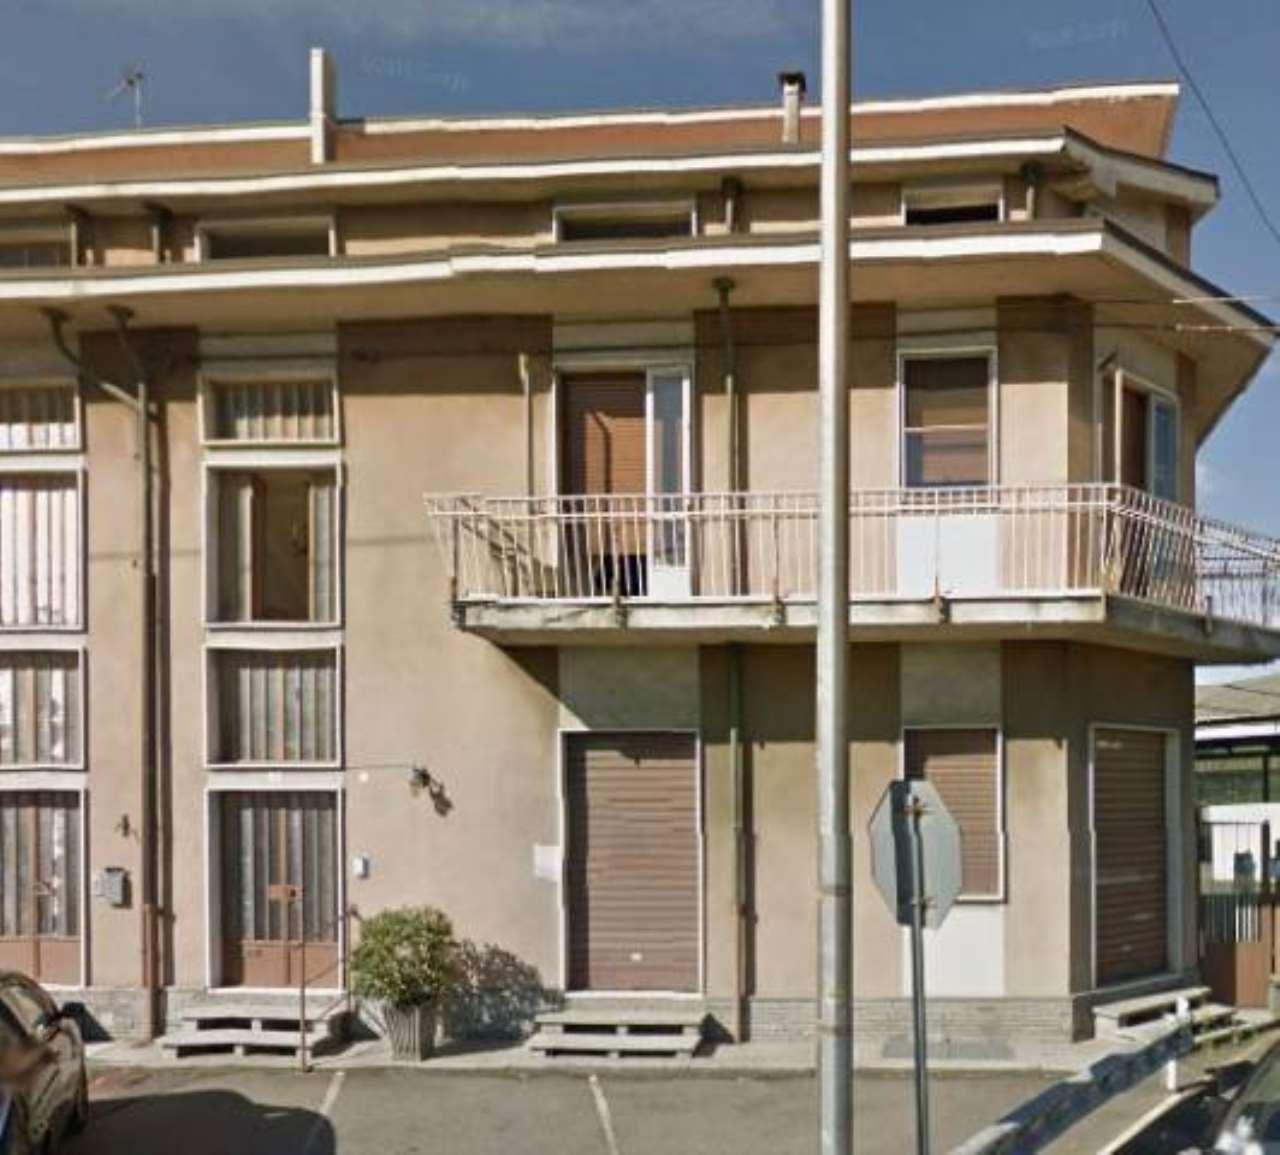 Negozio / Locale in vendita a Nole, 1 locali, prezzo € 178.000   CambioCasa.it